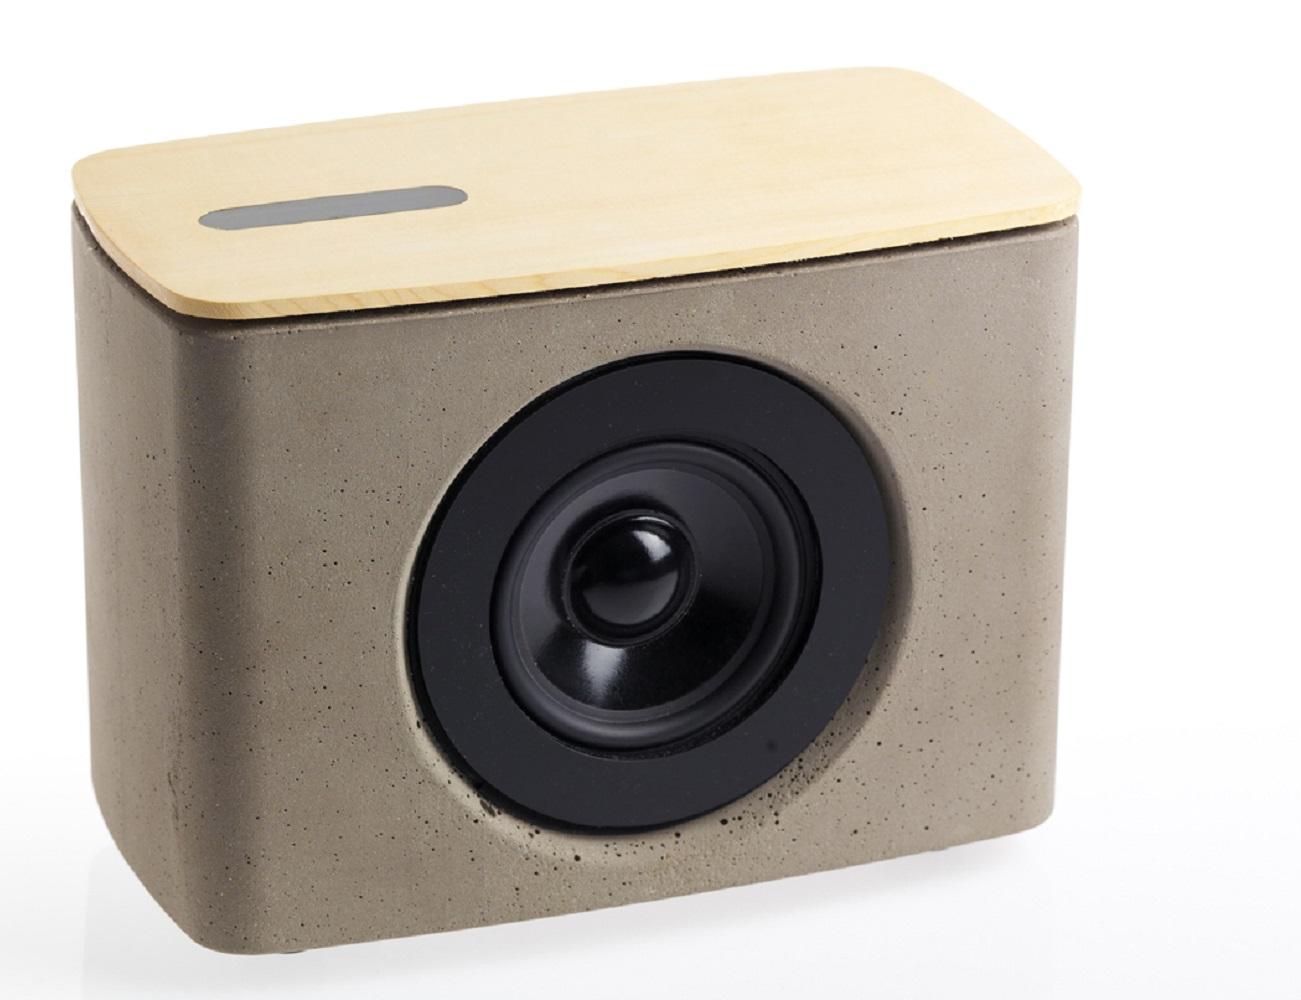 P.A.C.O Gesture Control Speaker